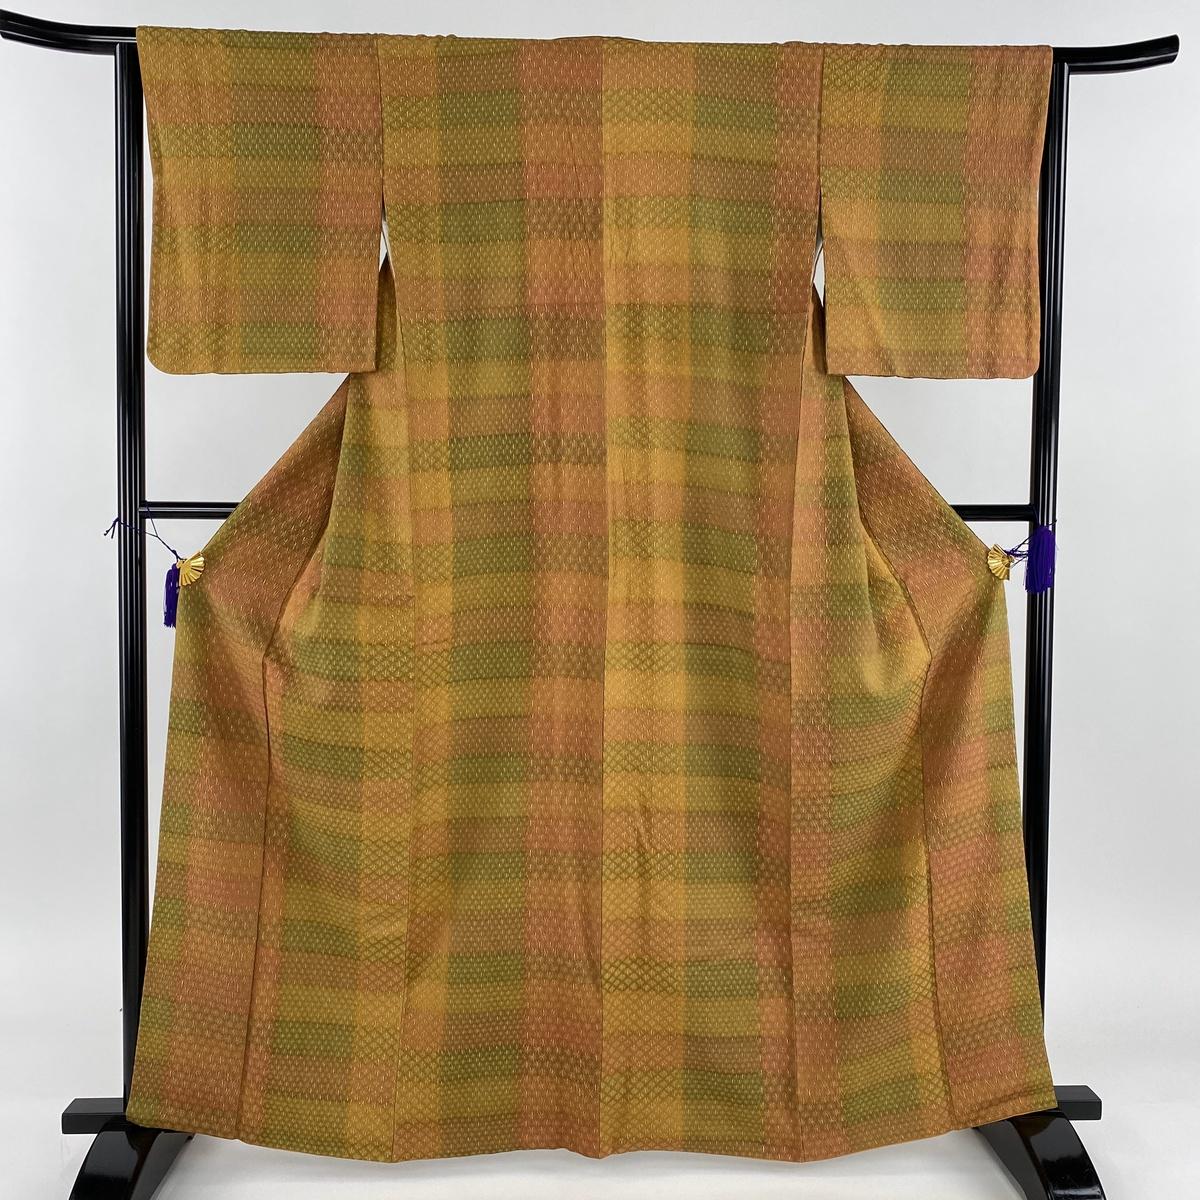 小紋 美品 秀品 縞 幾何学 金彩 茶緑色 袷 身丈163cm 裄丈63.5cm S 正絹 【中古】